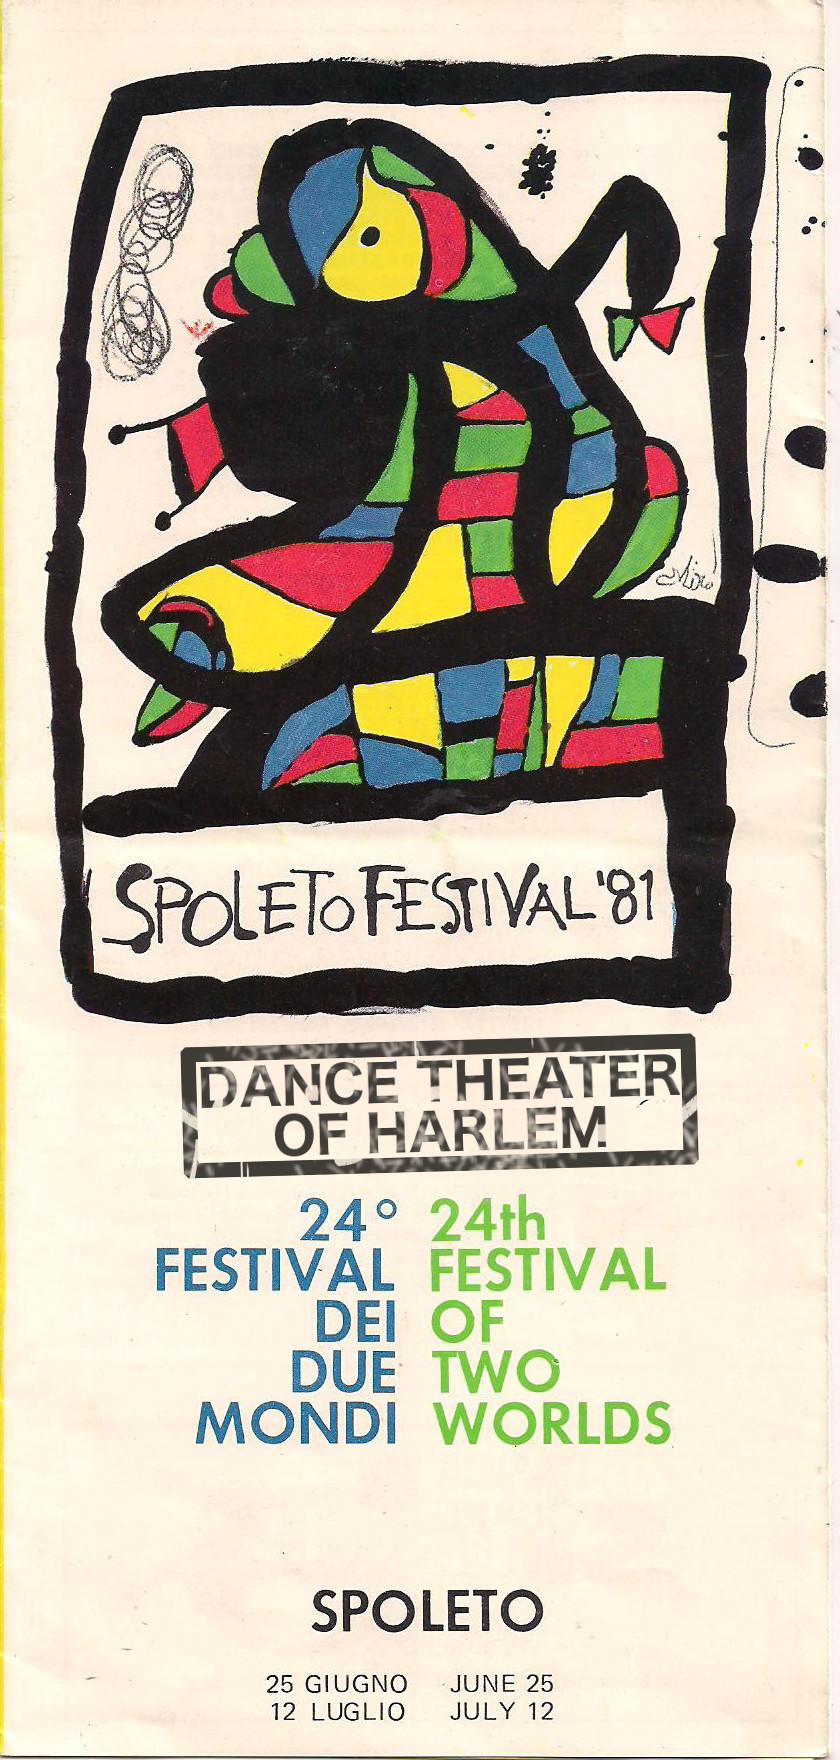 SPOLETO FESTIVAL '81 ver2.JPG